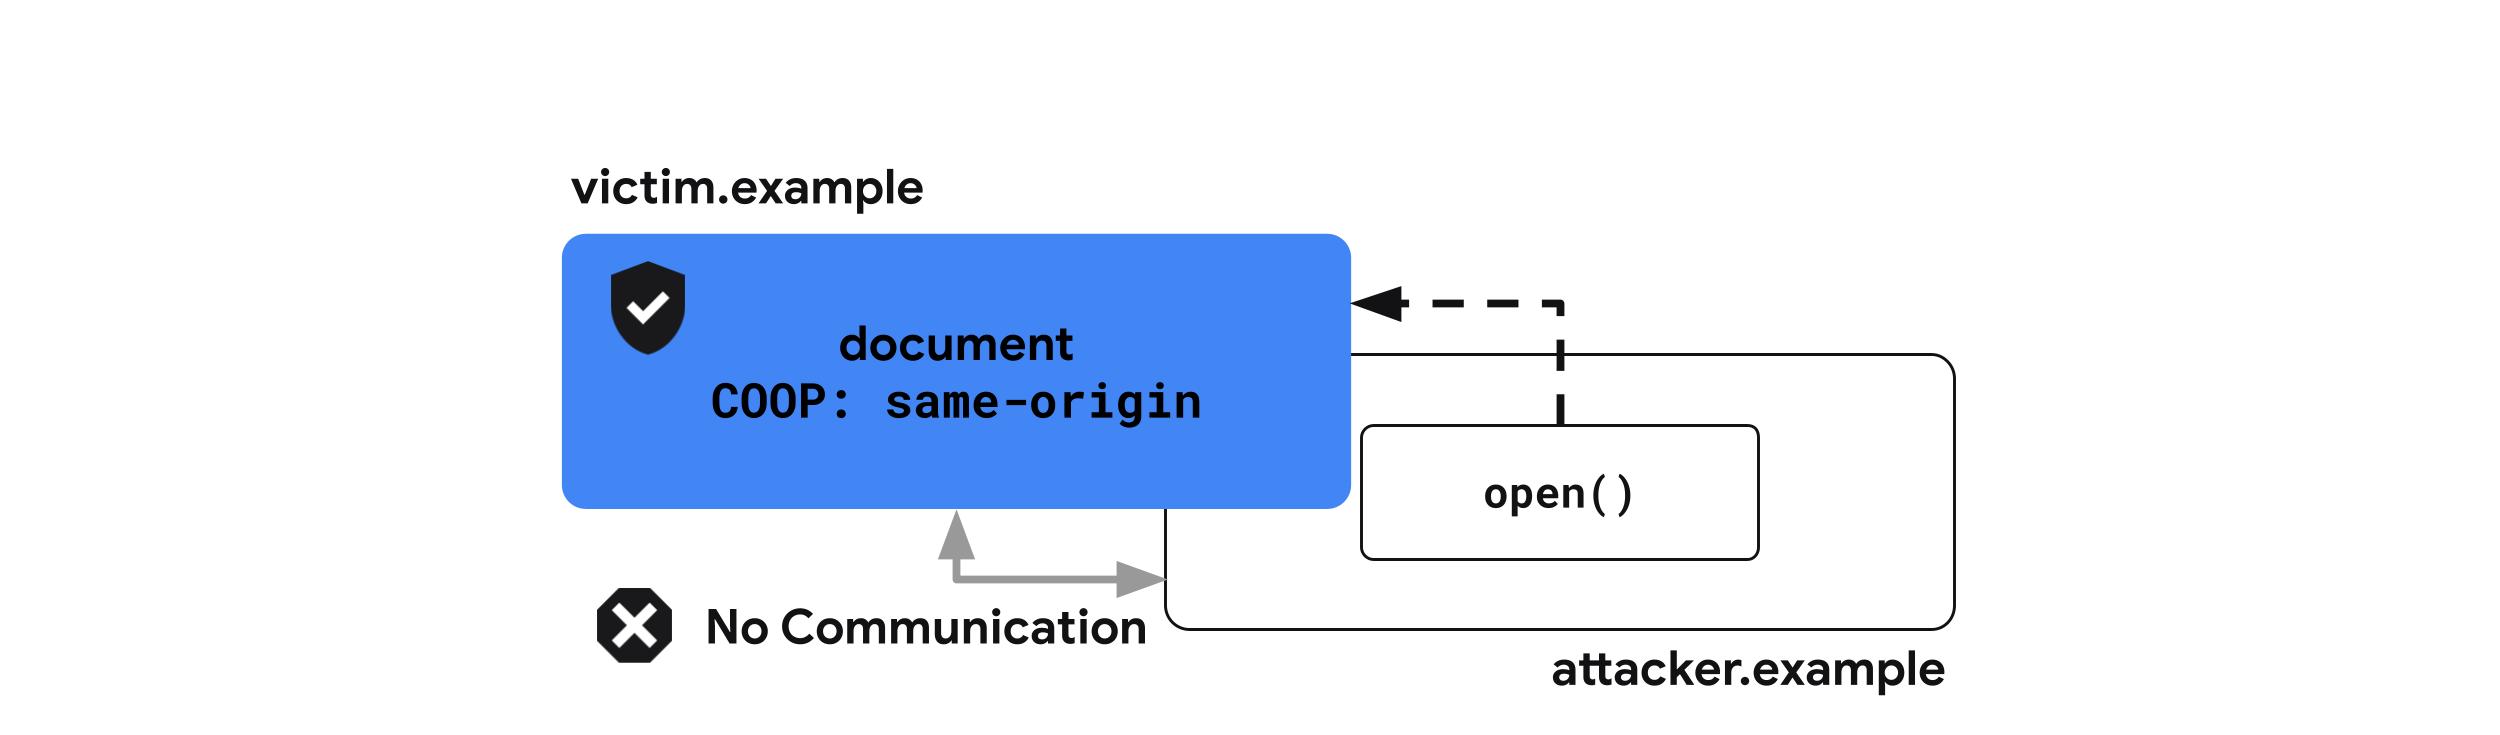 Cross-Origin-Opener-Policy: same-origin